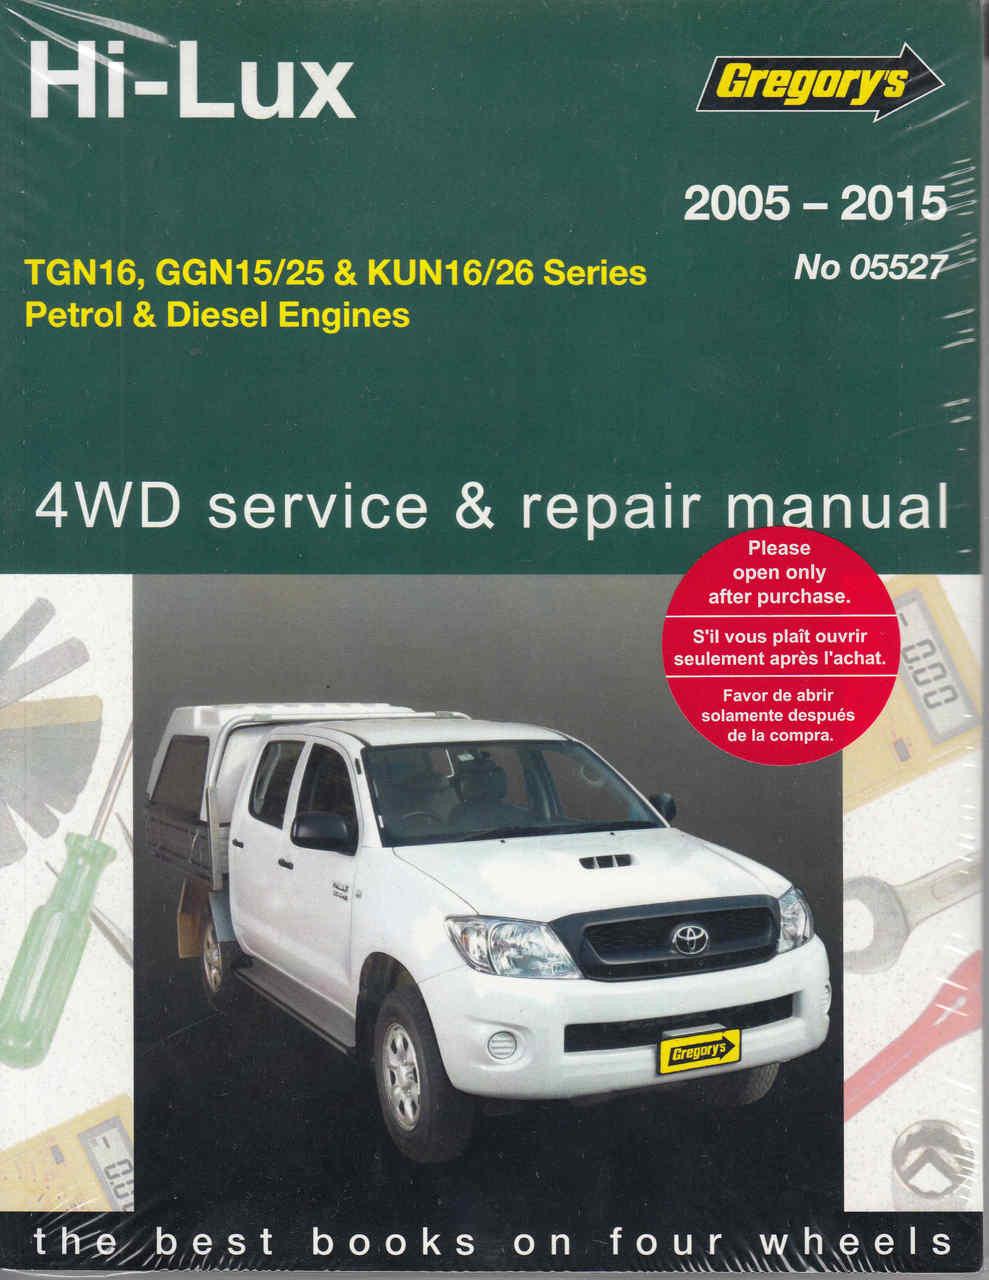 Toyota Hi-Lux TGN16, GGN15/25 & KUN16/26 Series Petrol & Diesel 2005-2015 Repair  Manual